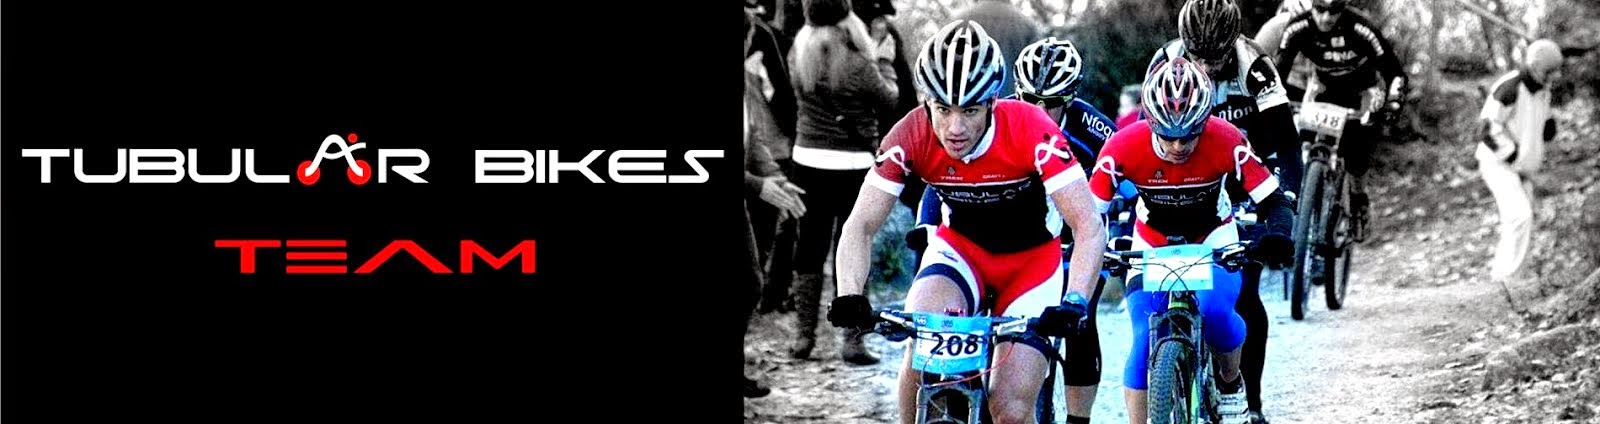 Tubular Bikes Team